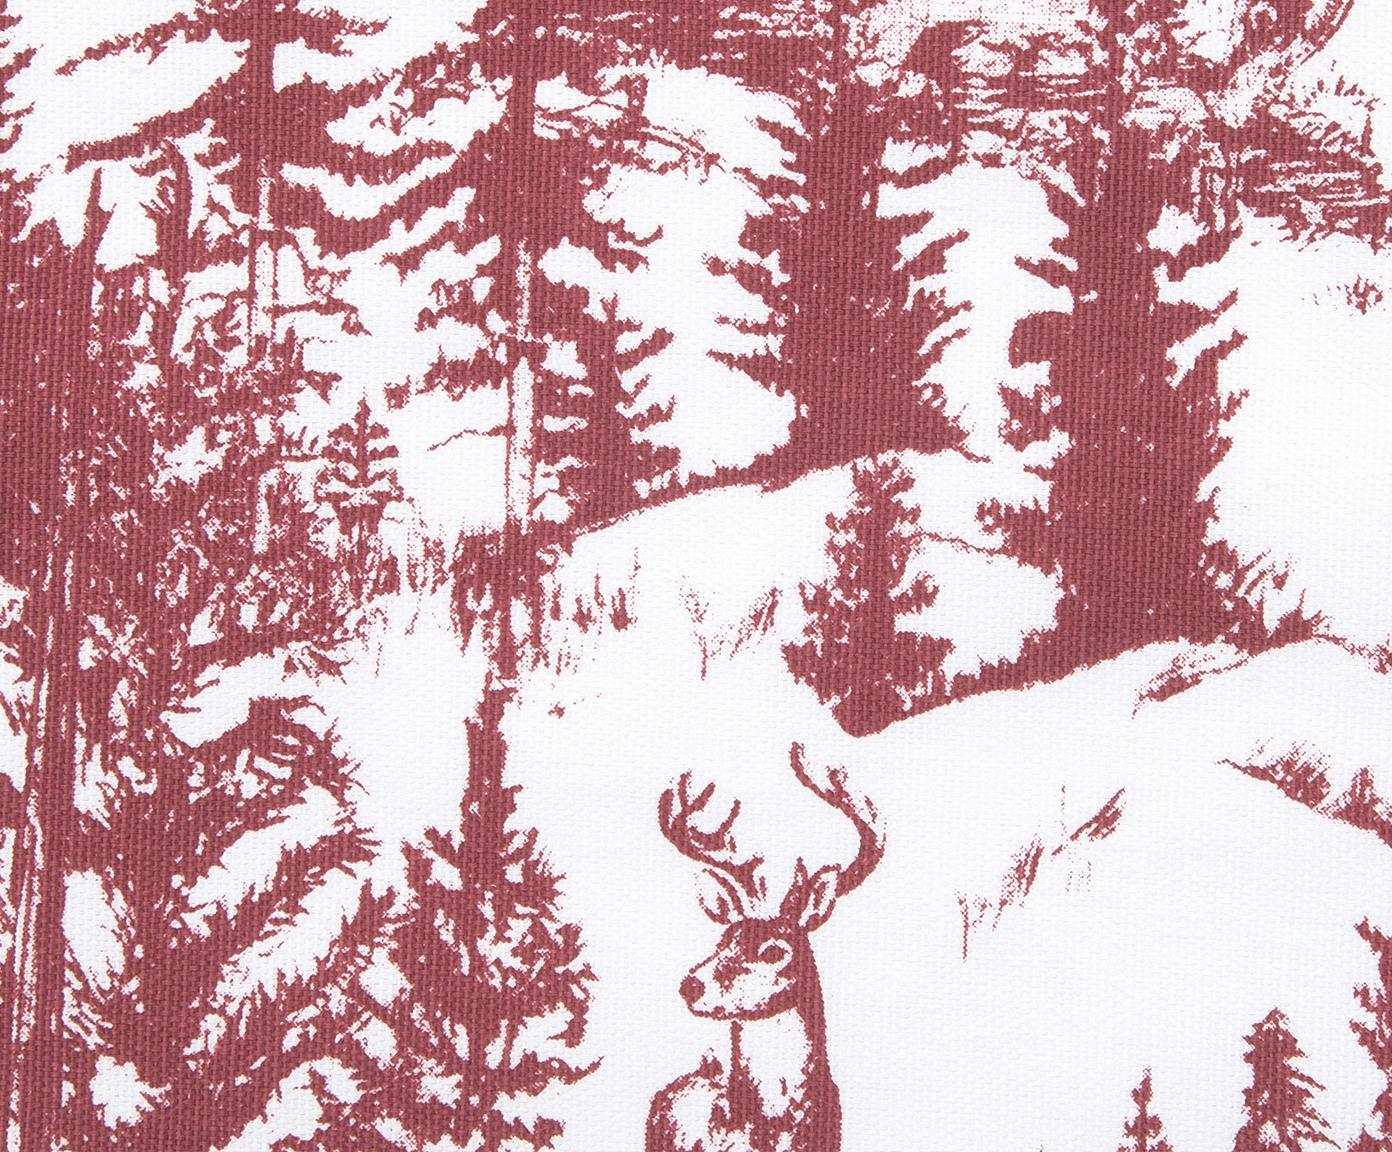 Kussenhoes Nordic met winters motief, 100% katoen, Wit, rood, 50 x 50 cm